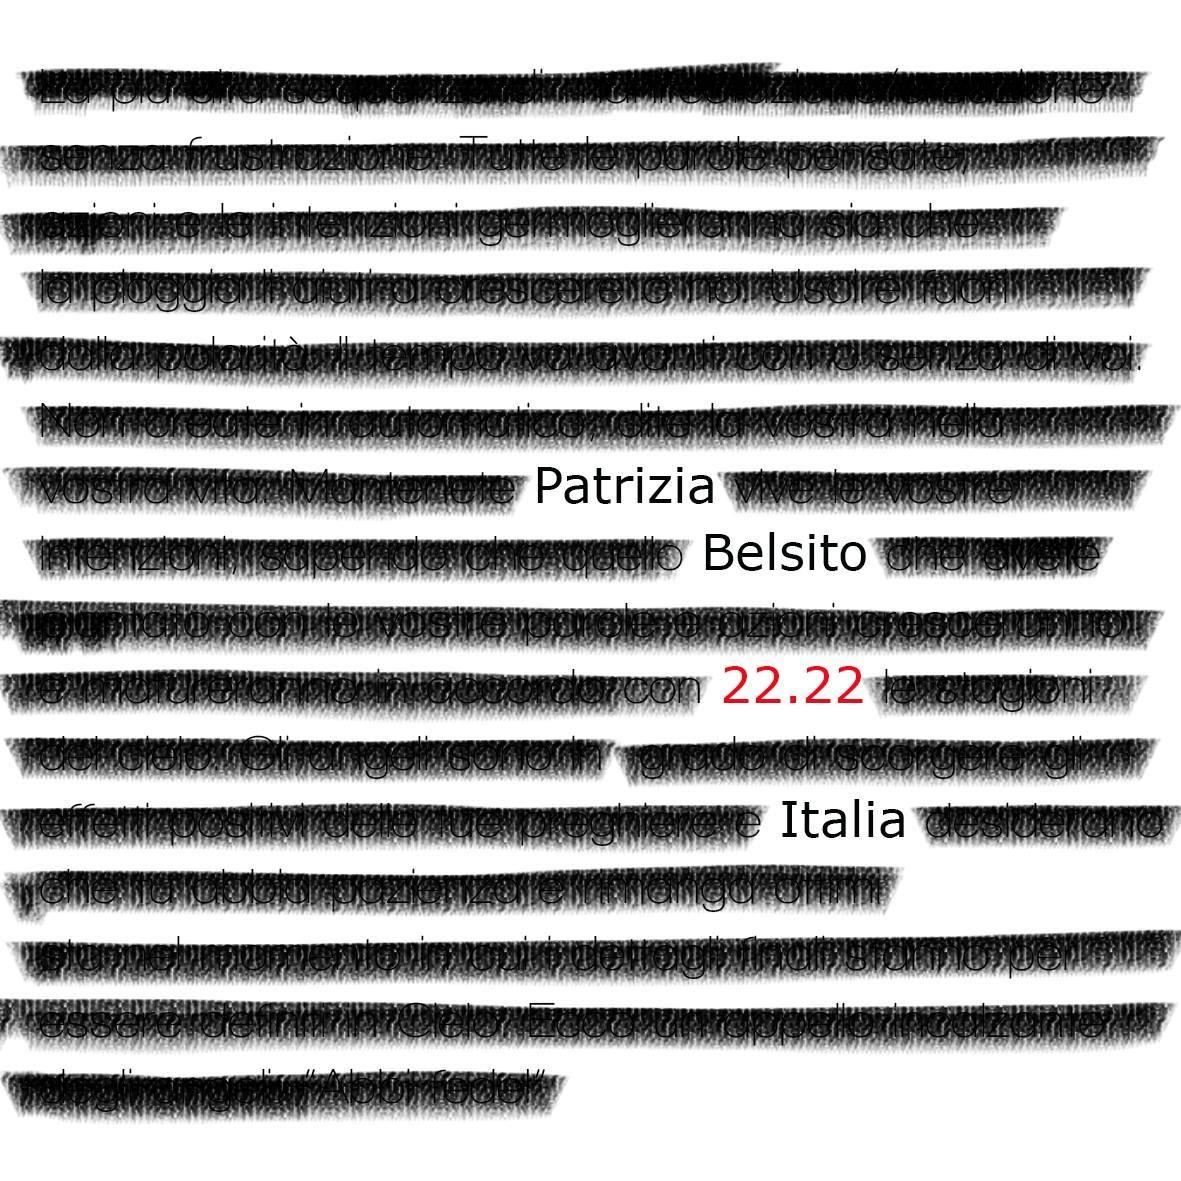 22.22 patrizia belsito